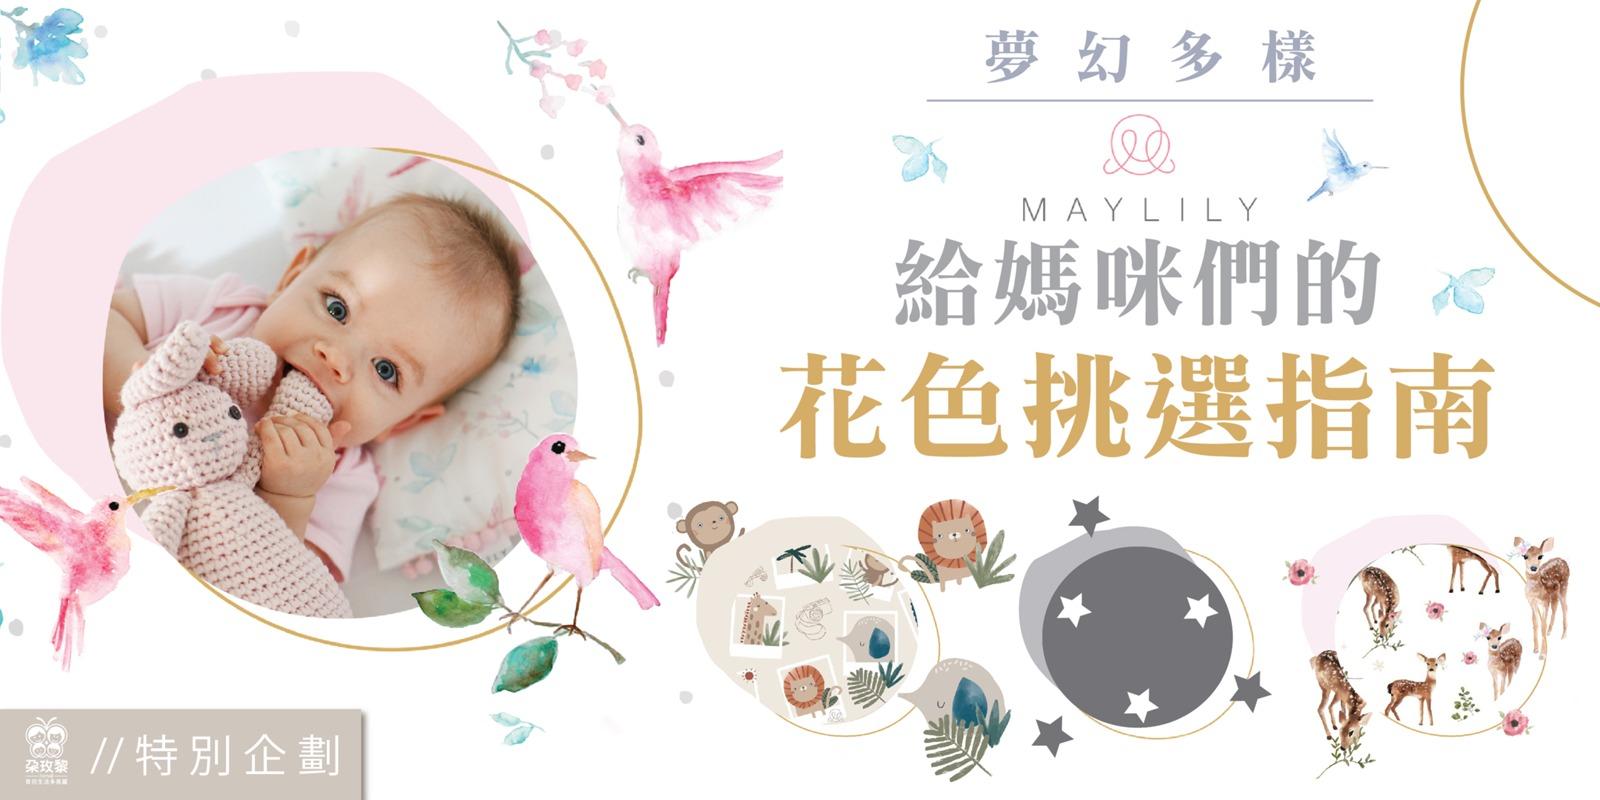 朶特企|夢幻多樣Maylily!給媽咪們的花色挑選指南